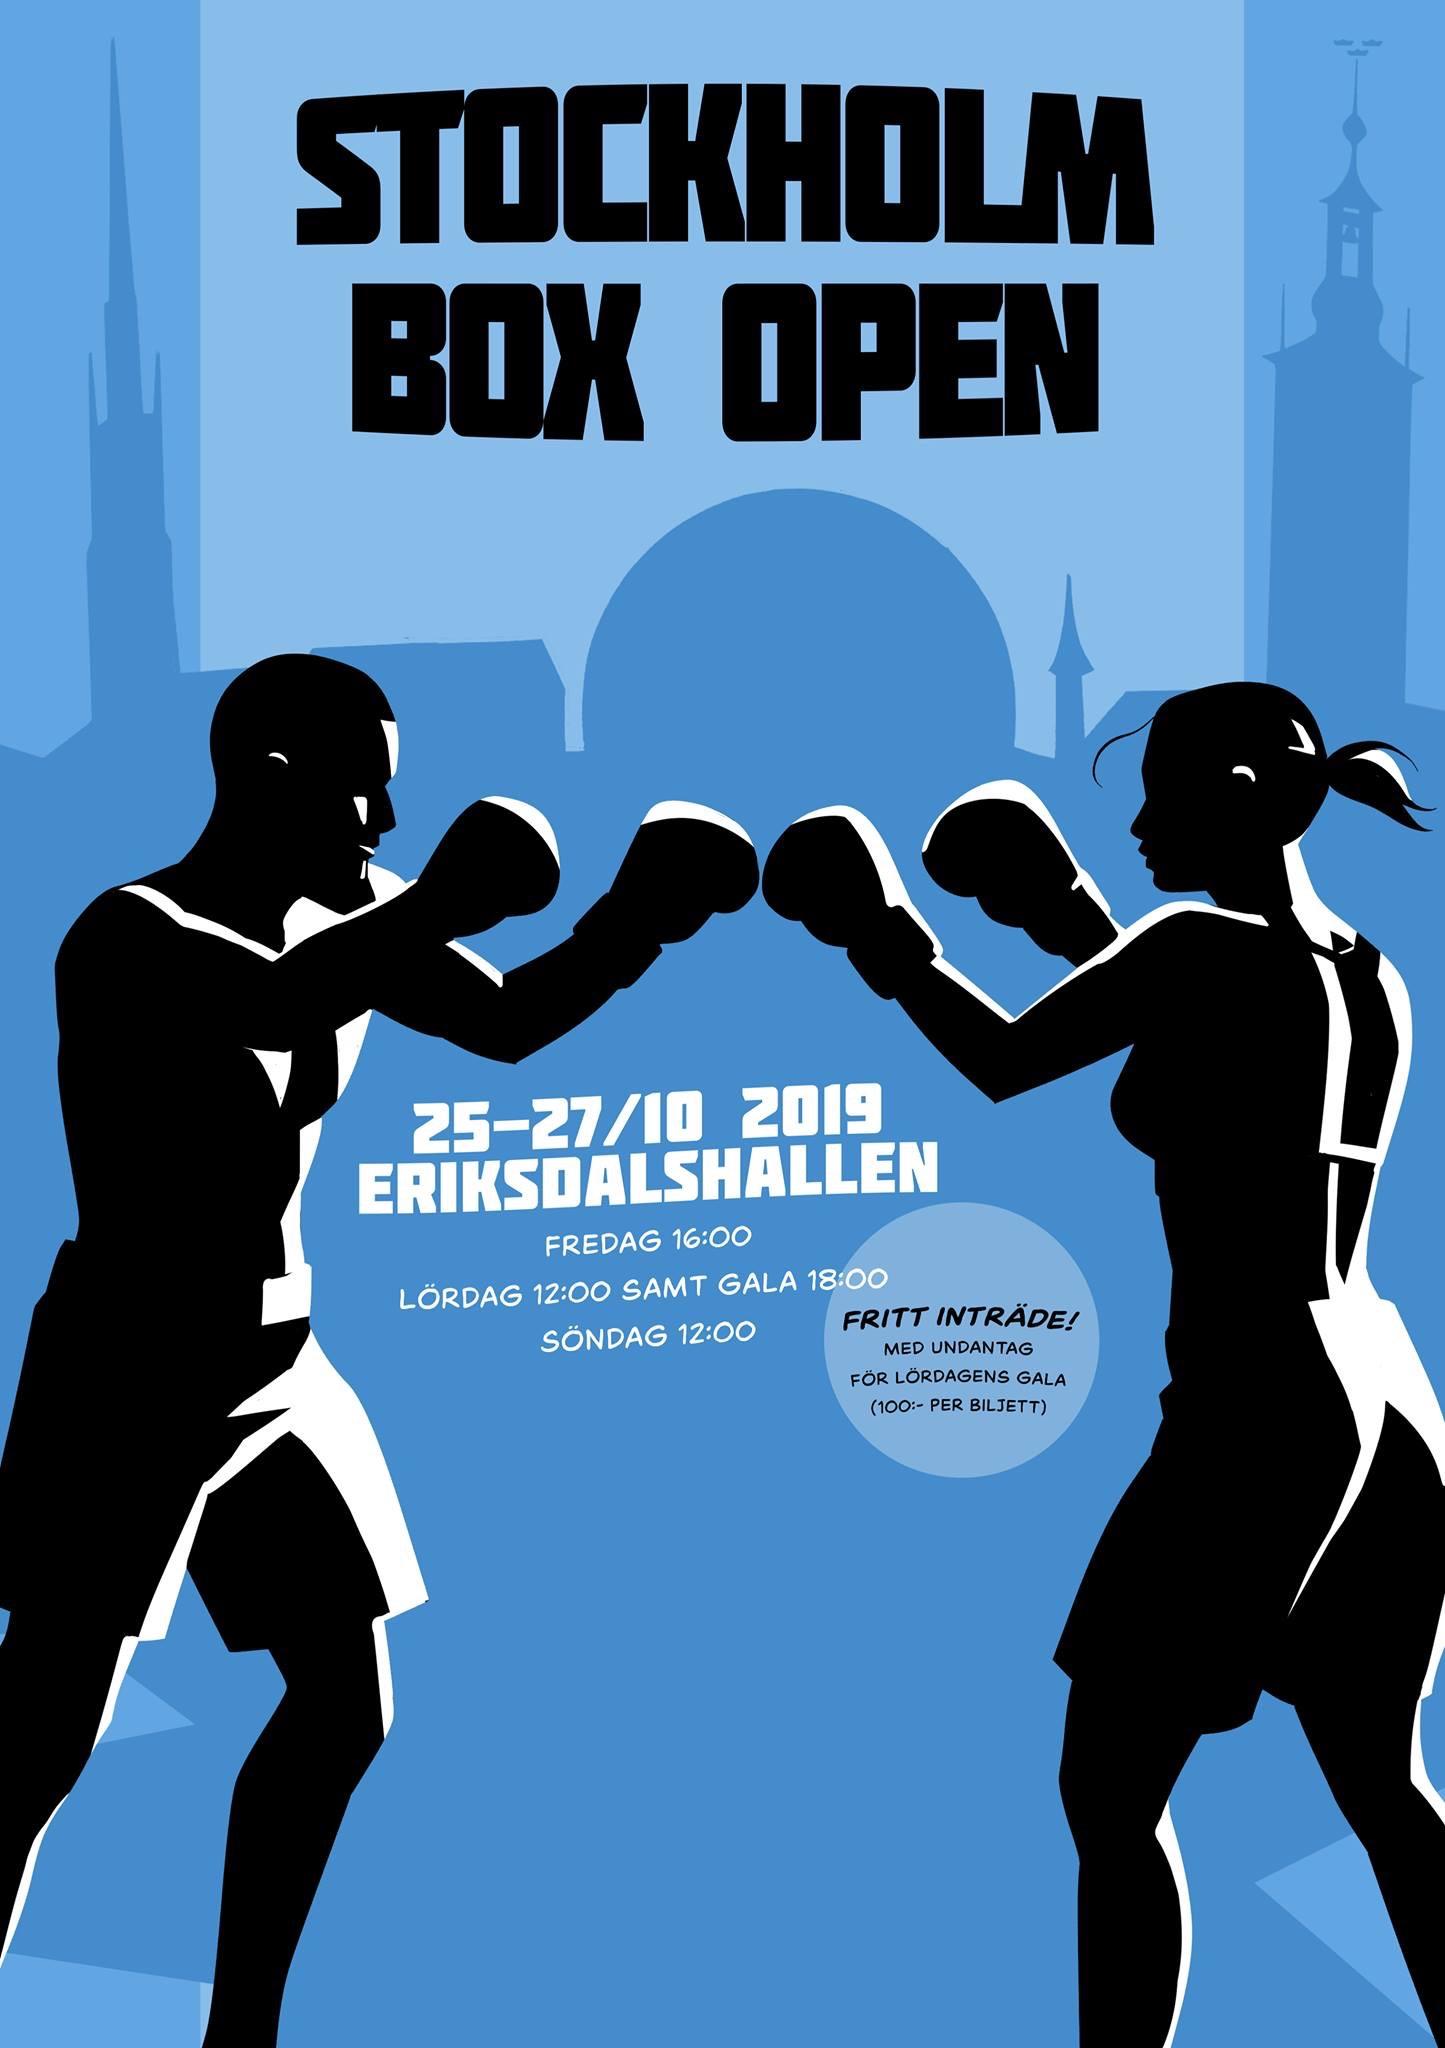 Kom till elitgalan ikväll på Stockholm Box Open.